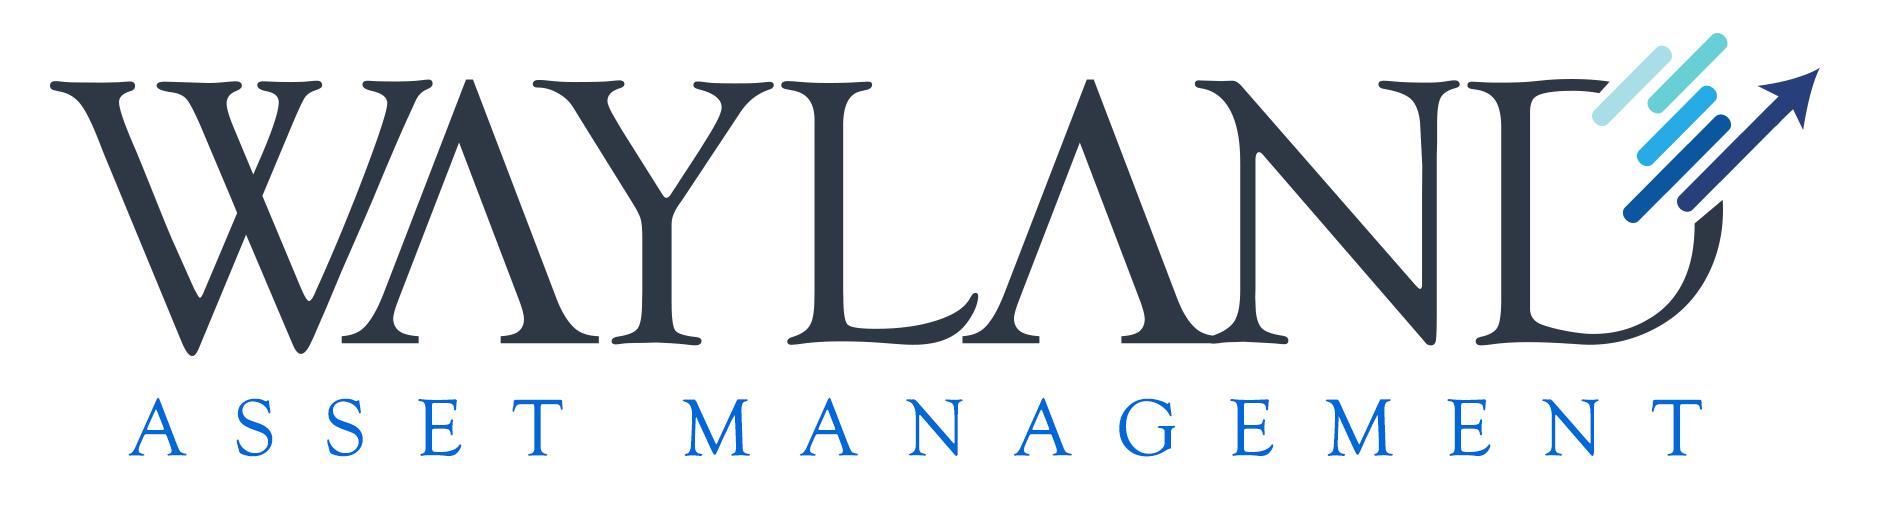 Wayland Asset Management to start apprenticeship program